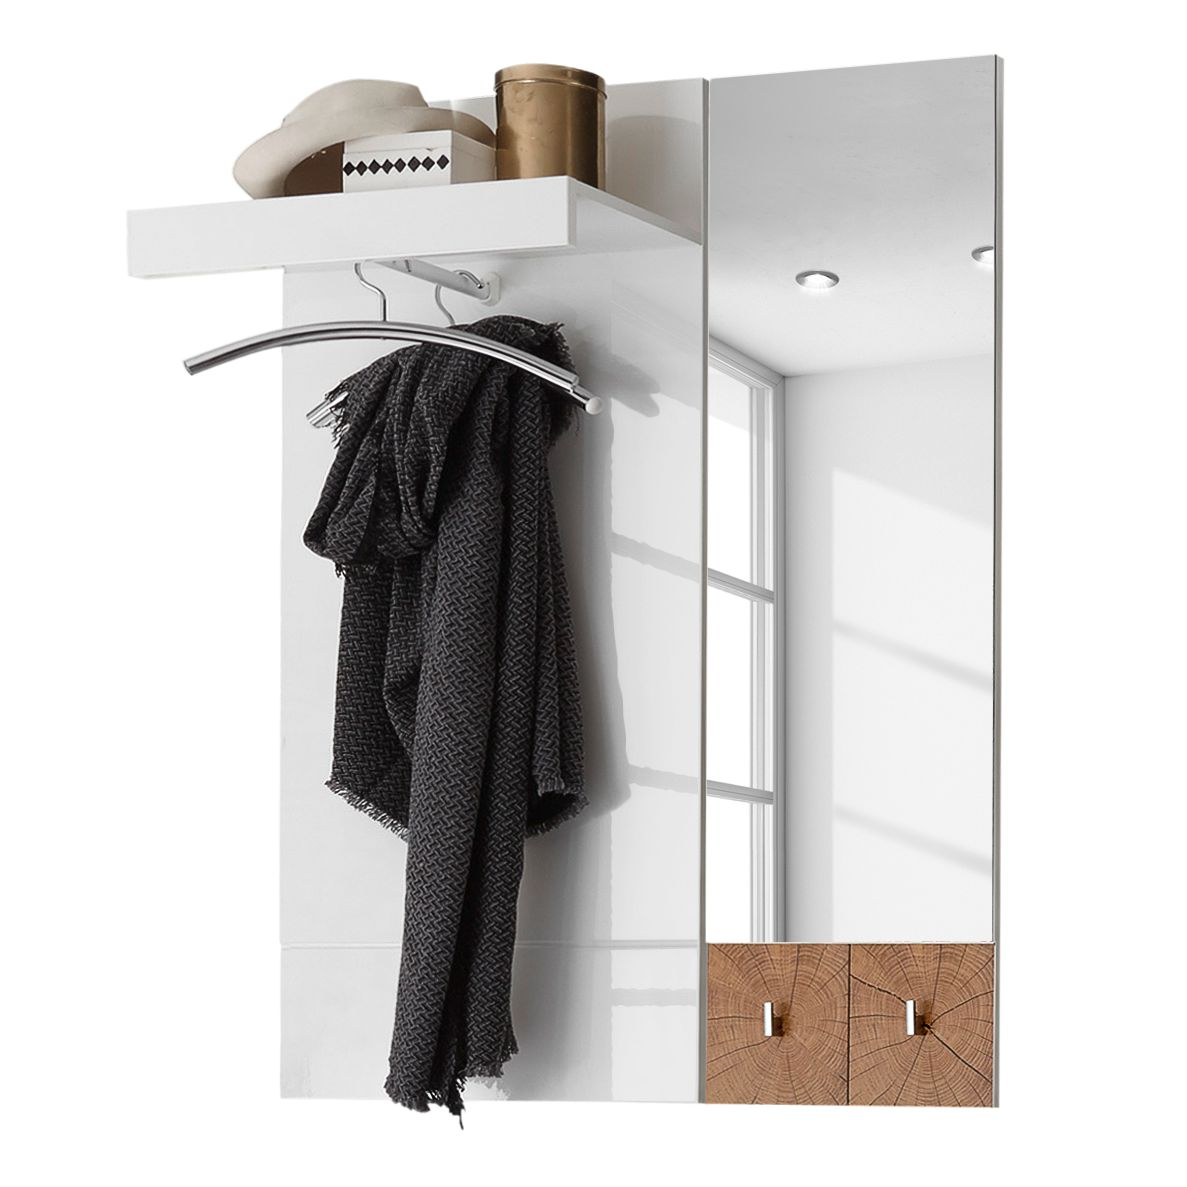 Garderobepaneel Sibo - wit/eikenhouten look, mooved